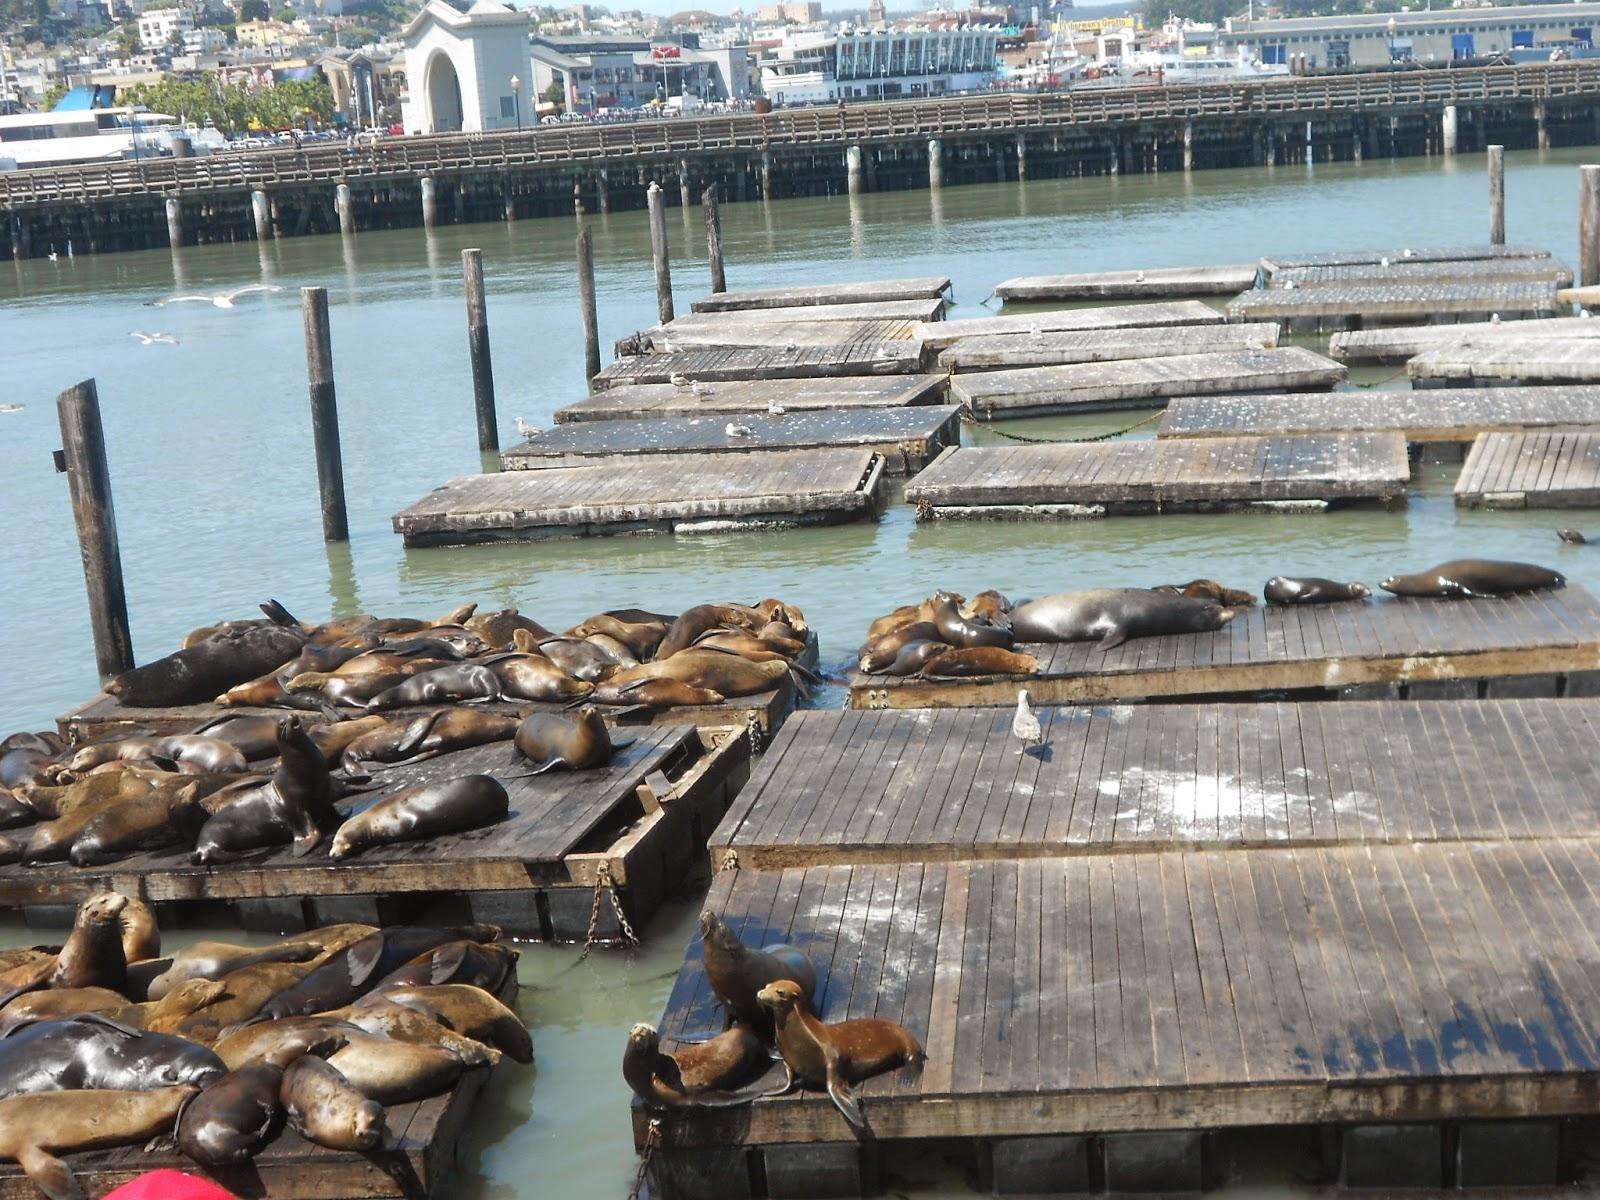 Leões marinhos - Pier 39 - São Francisco